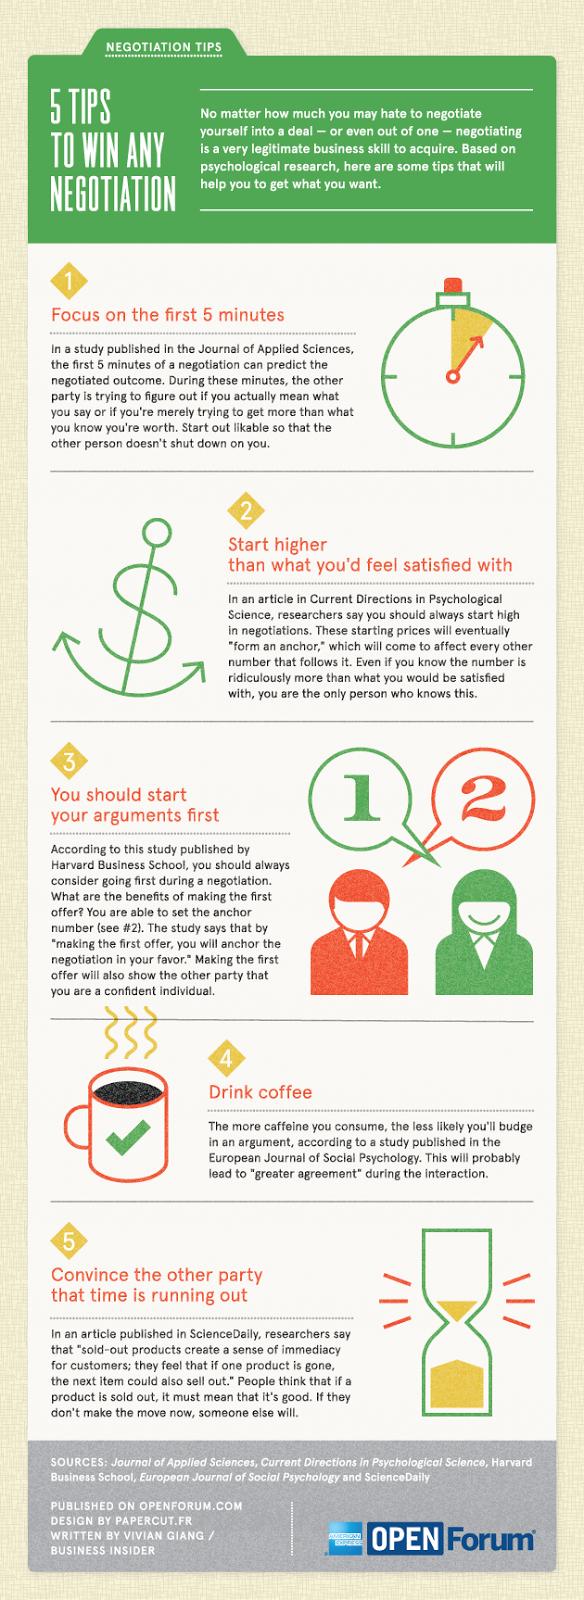 5-Formas-de-ganar-cualquier-negociación